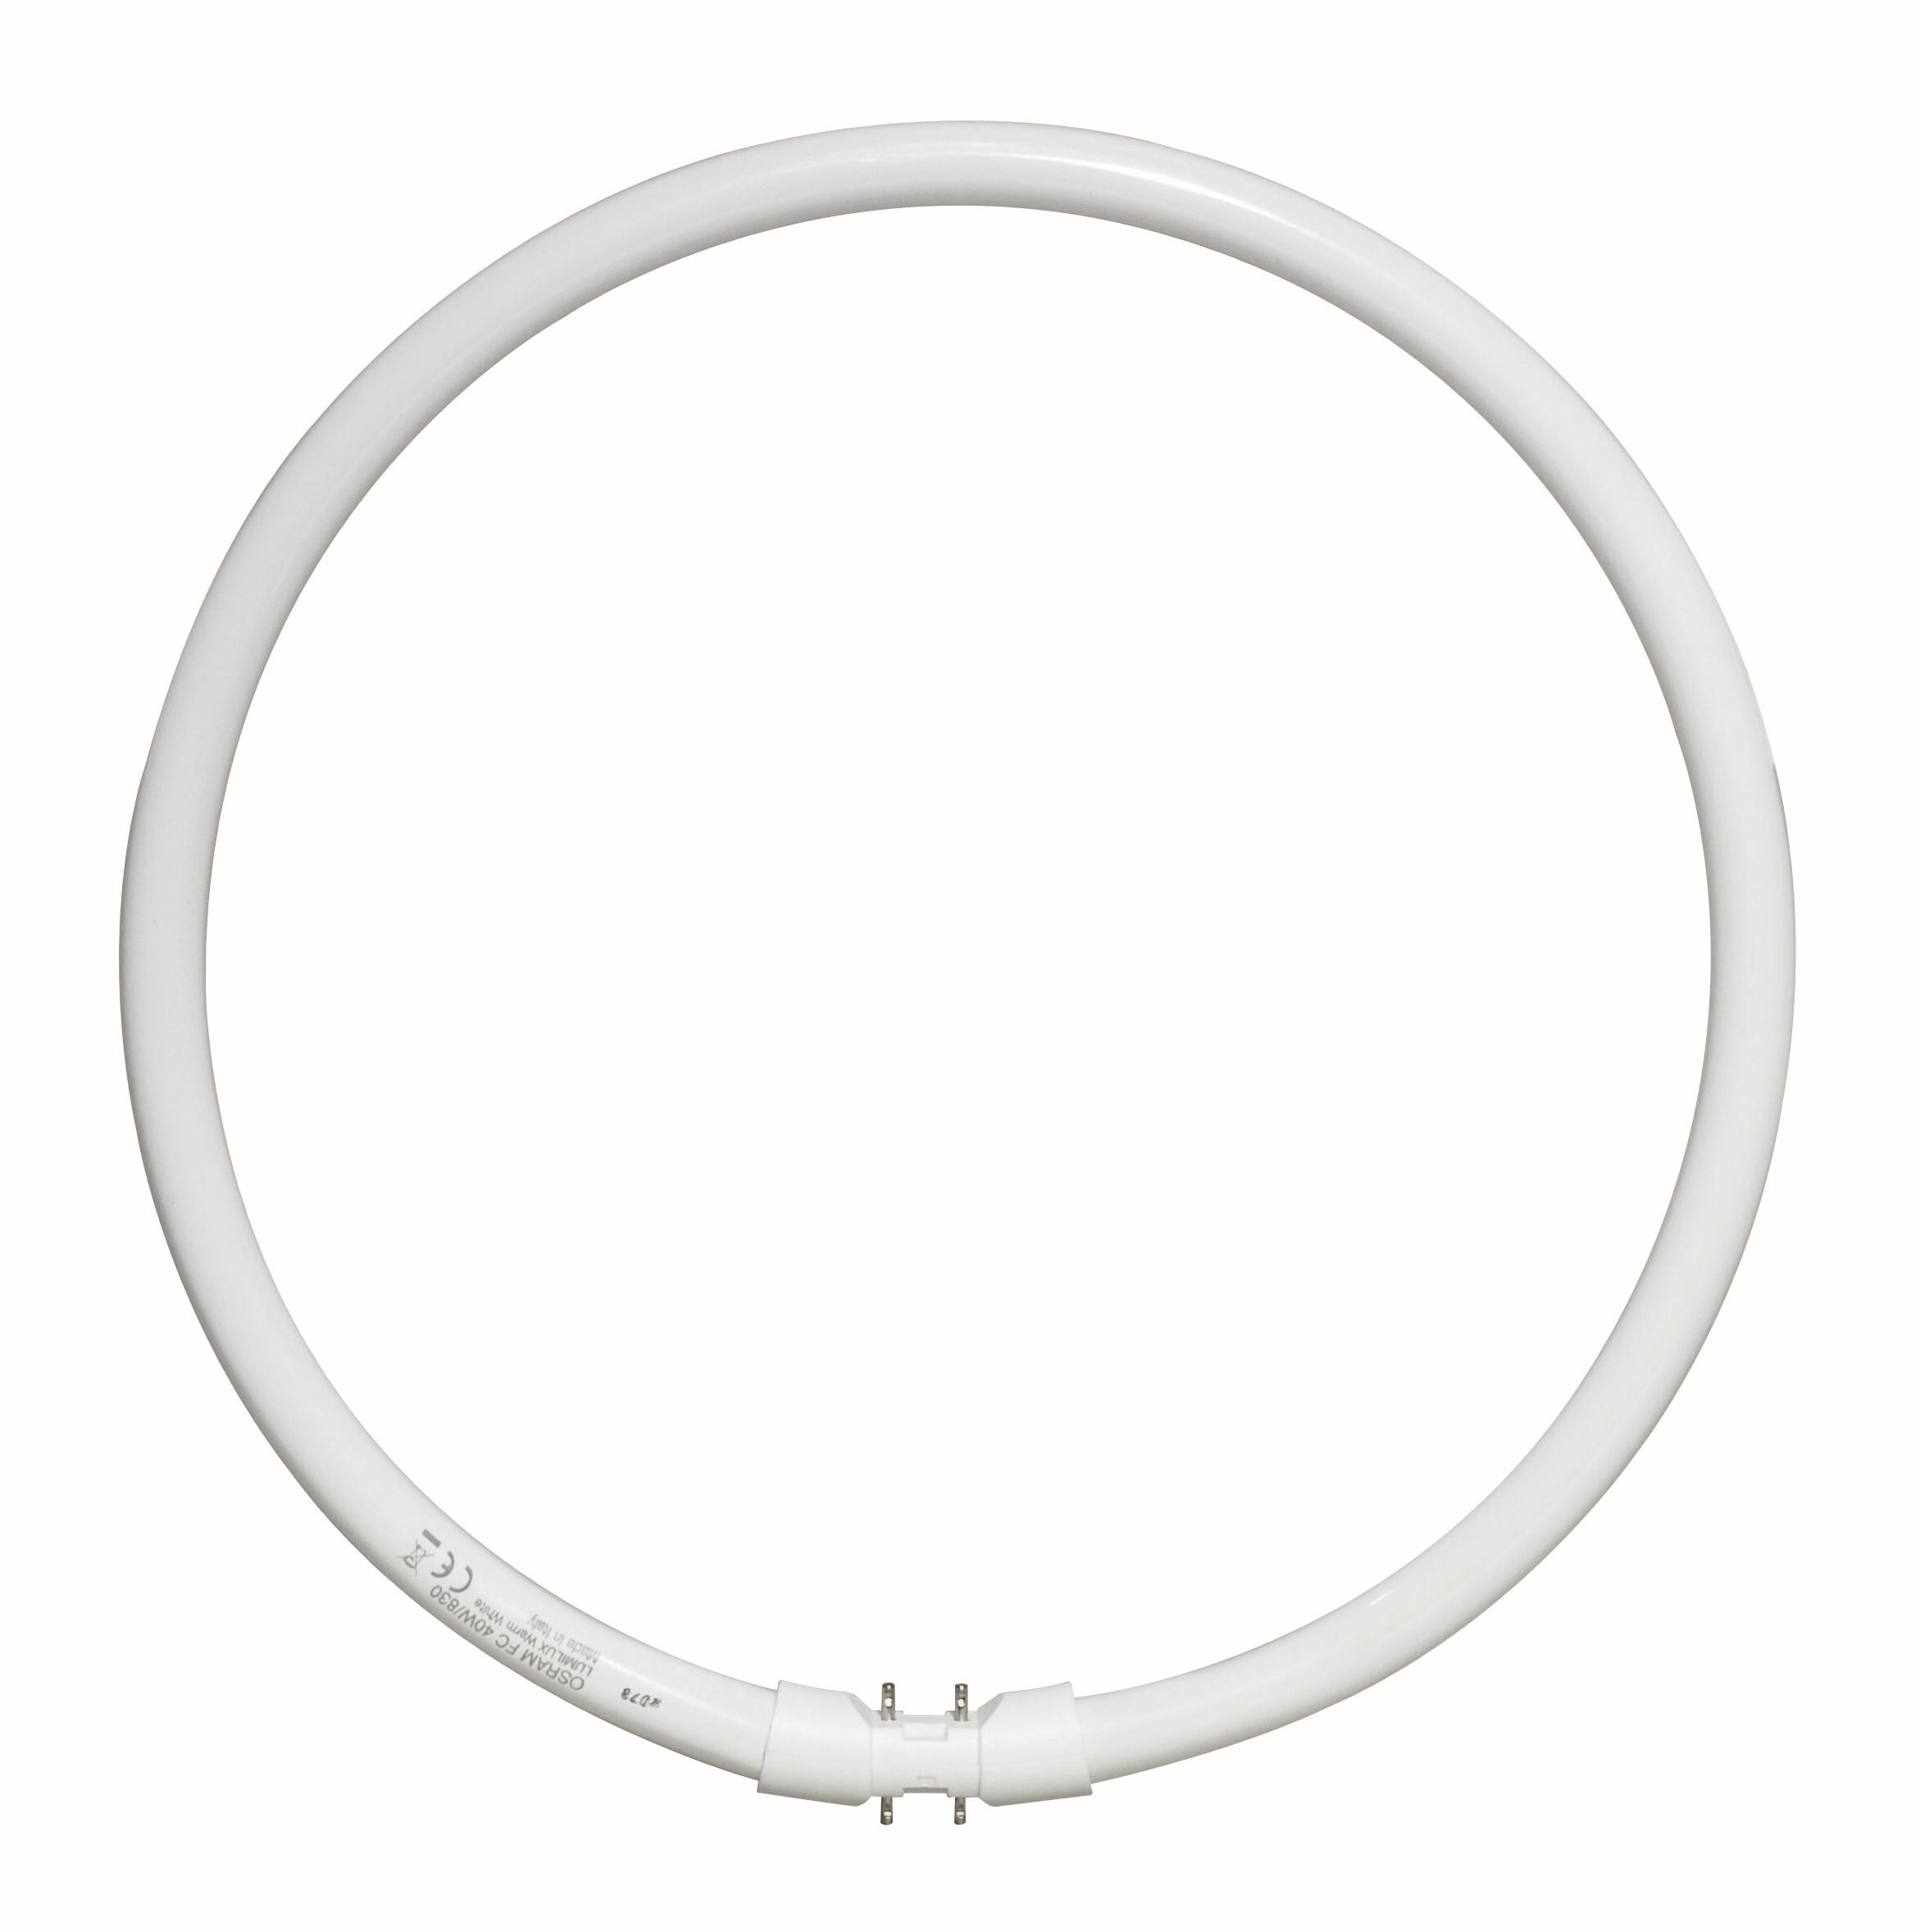 1 Stk T16-R 40W/830 2GX13 Leuchtstofflampe kreisförmig LI5W528540